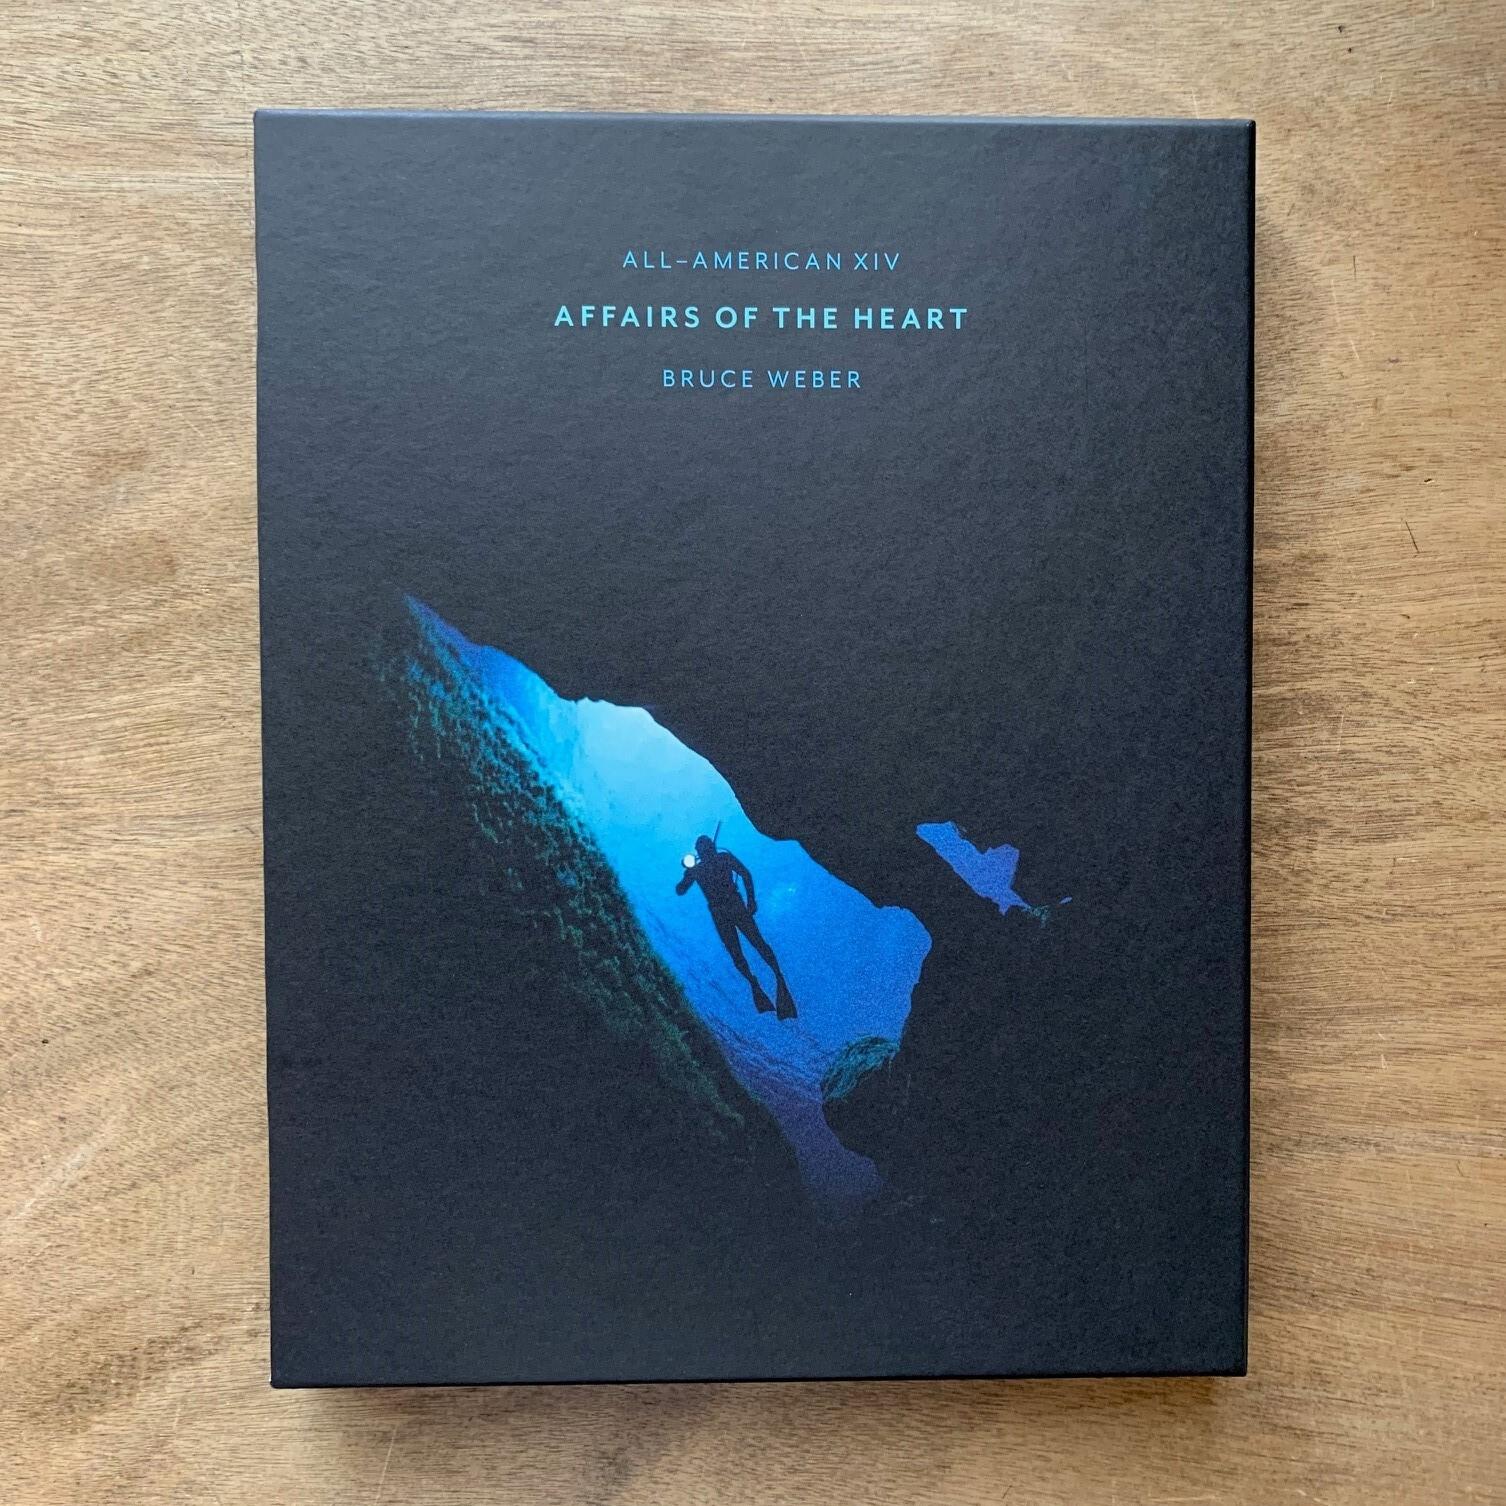 Affairs of the Heart / All-American XIV / Bruce Weber ブルース・ウェーバー